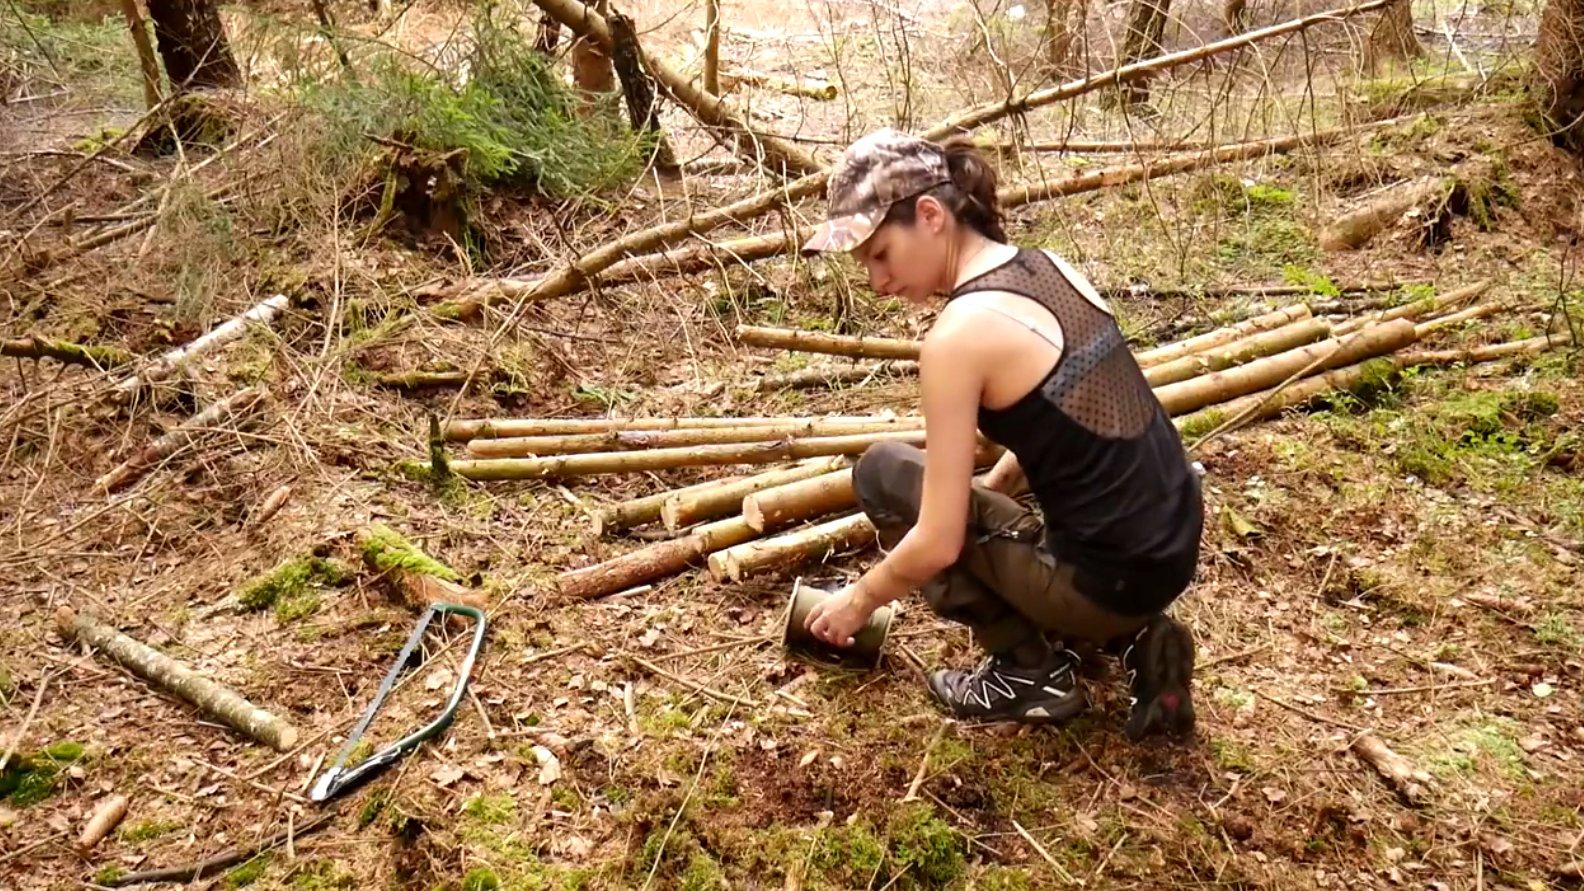 Allein im Wald – Bushcraft & Survival (Web-Doku)